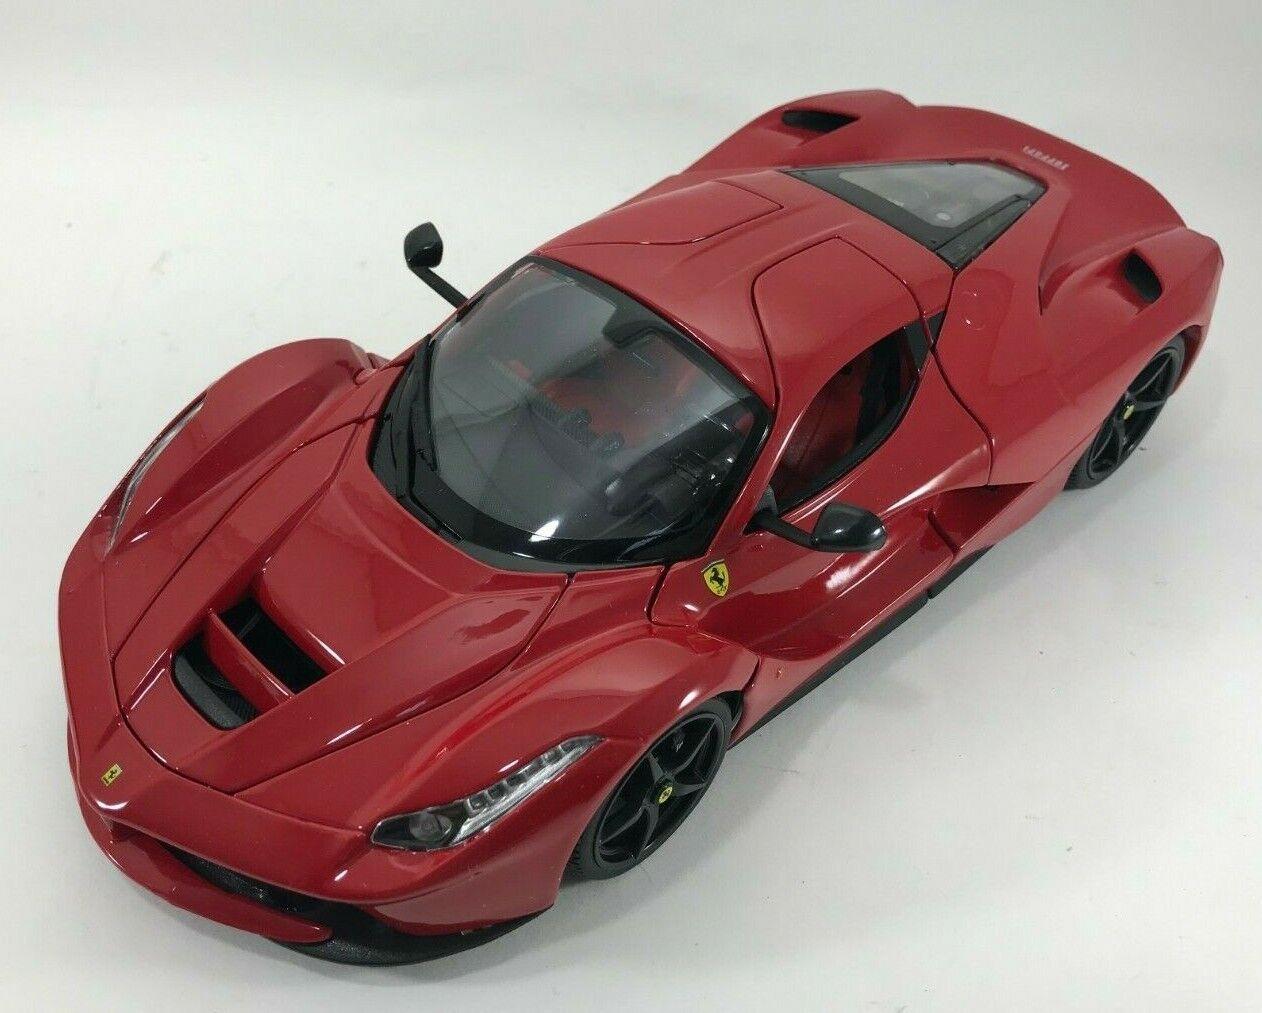 Bburago - 18-16001 -  LaFerrari Race & Play - Scale 1 18 - Red